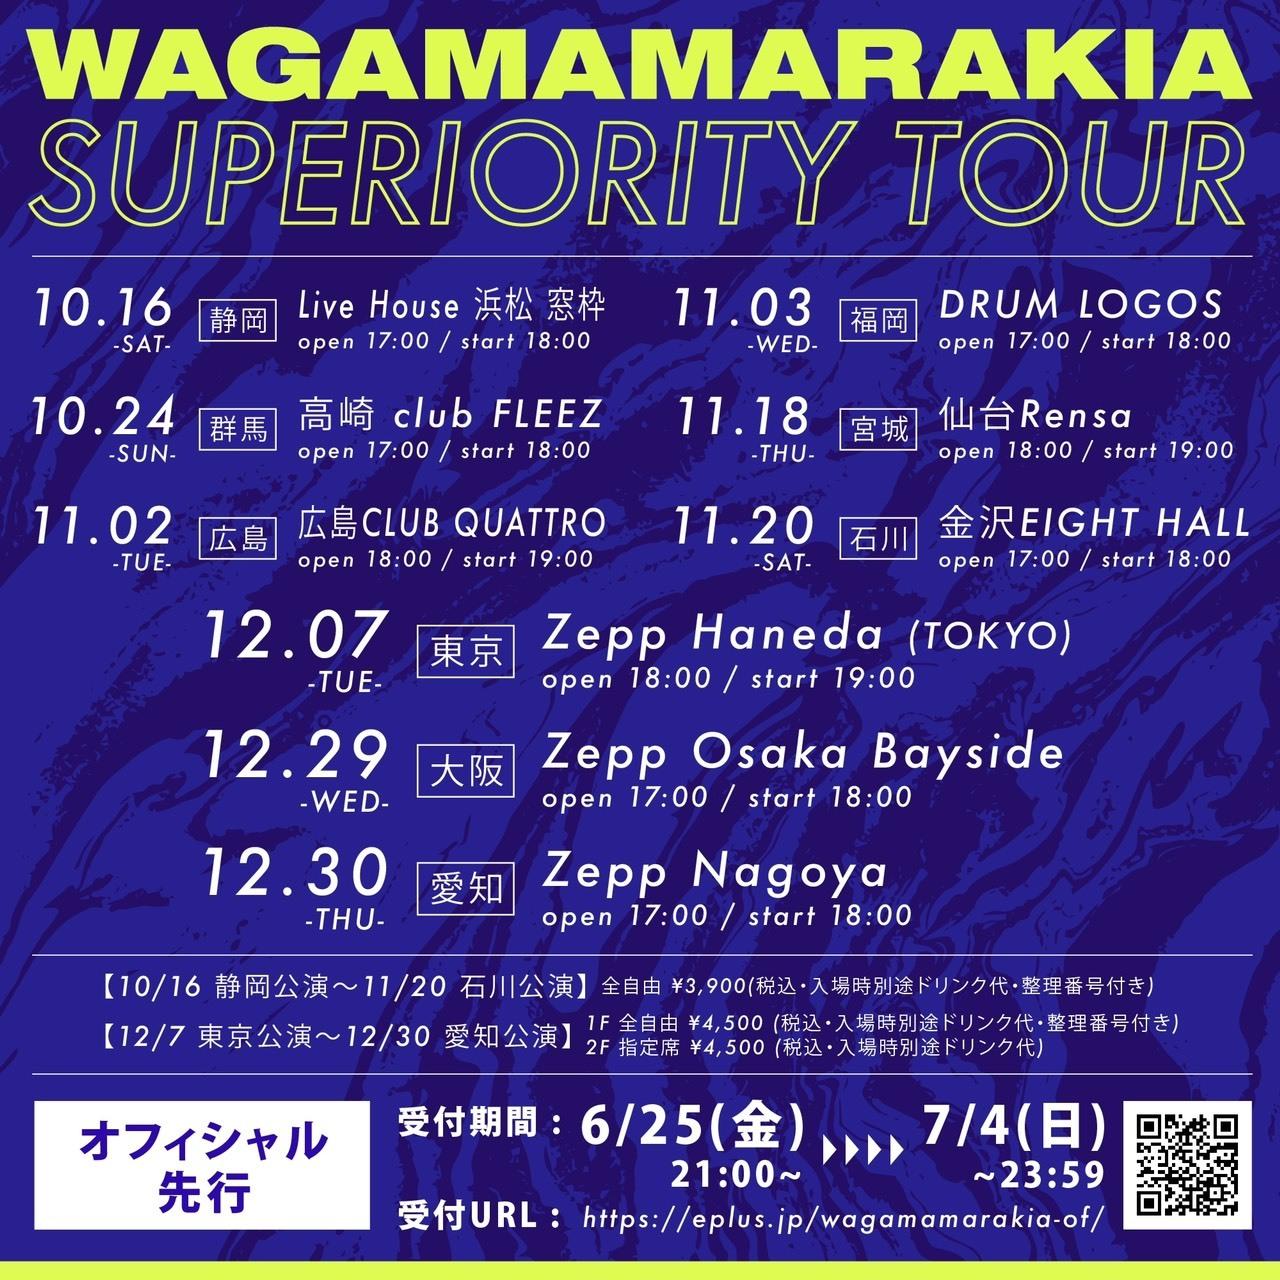 『SUPERIORITY TOUR』